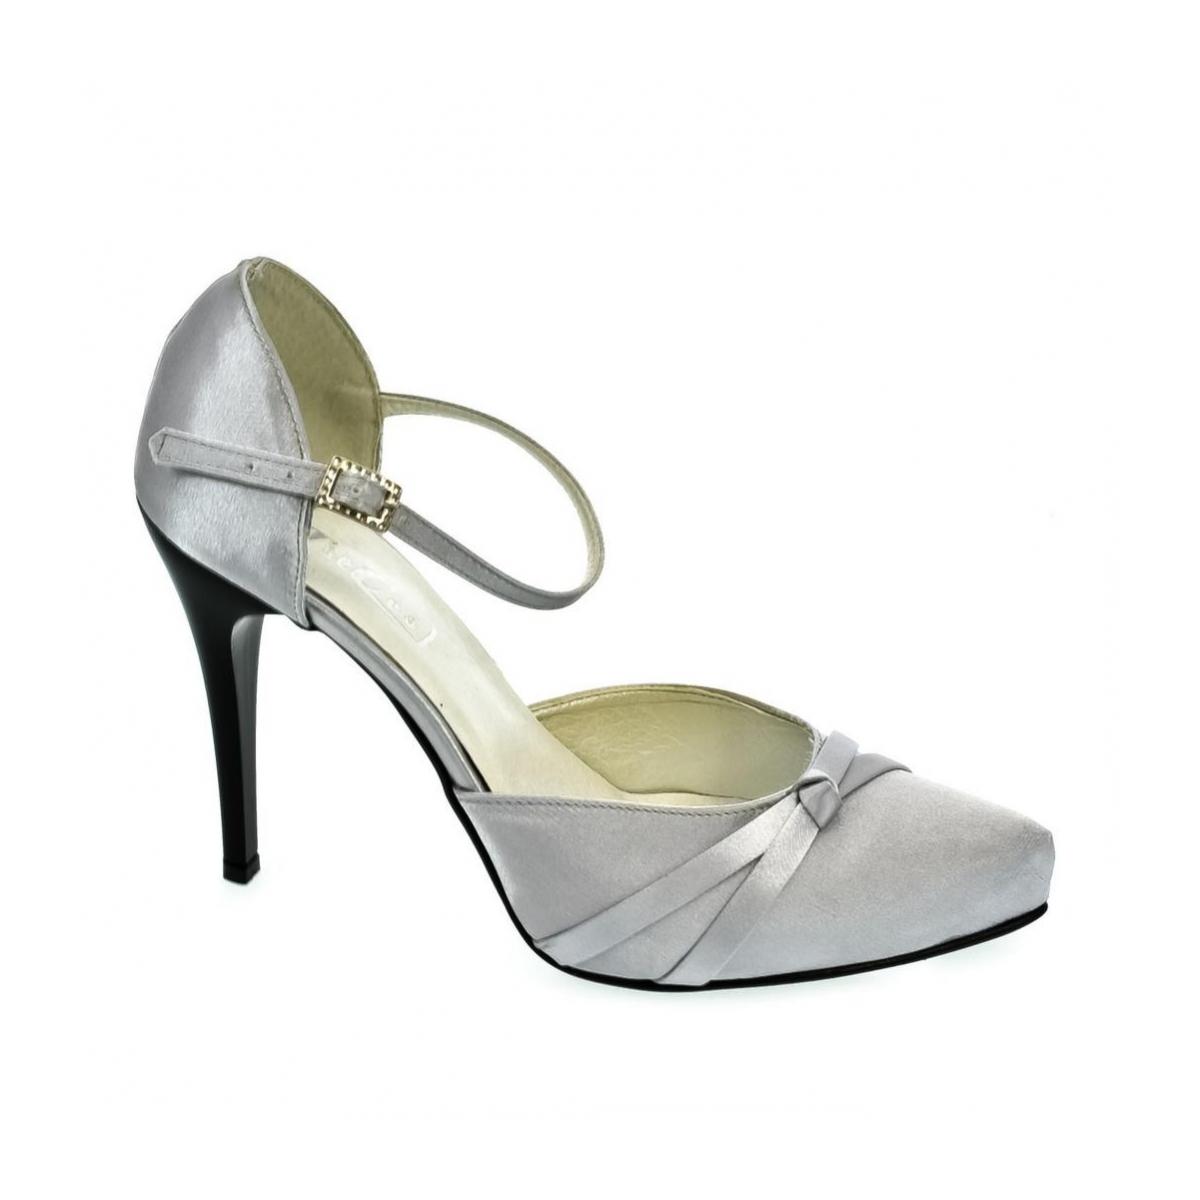 0d3e49d08fc8 Dámske strieborné sandále PEBLINII P70 - 4